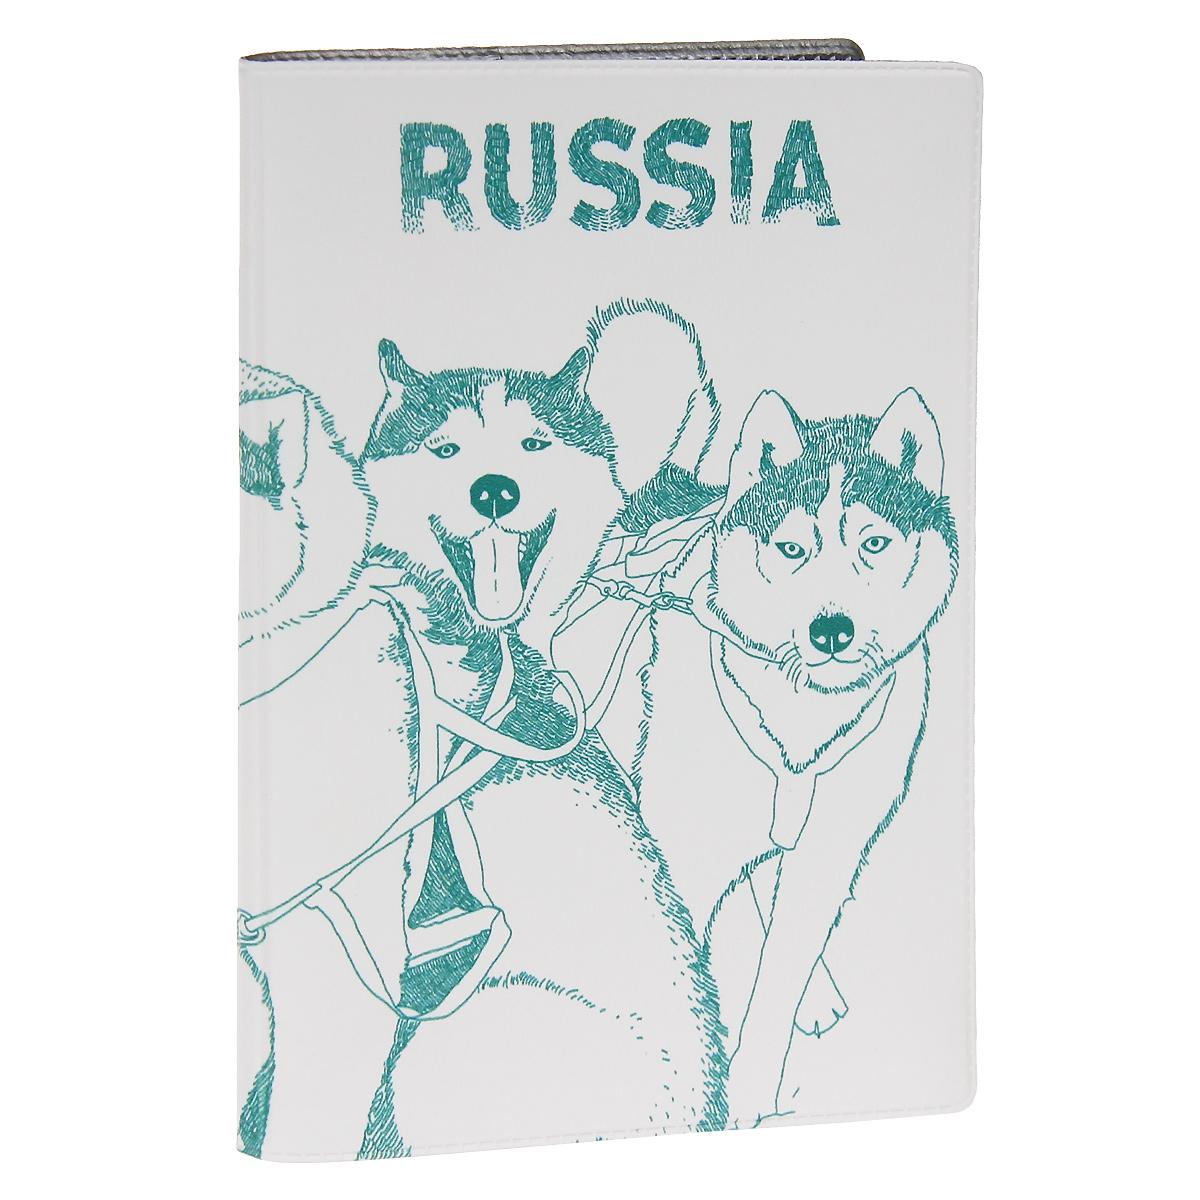 Обложка для паспорта Сибирские хаски. OZAM296OZAM296Обложка для паспорта Mitya Veselkov Хаски выполнена из прочного ПВХ и оформлена изображением нескольких собак породы хаски. Такая обложка не только поможет сохранить внешний вид ваших документов и защитит их от повреждений, но и станет стильным аксессуаром, идеально подходящим вашему образу. Яркая и оригинальная обложка подчеркнет вашу индивидуальность и изысканный вкус. Обложка для паспорта стильного дизайна может быть достойным и оригинальным подарком.